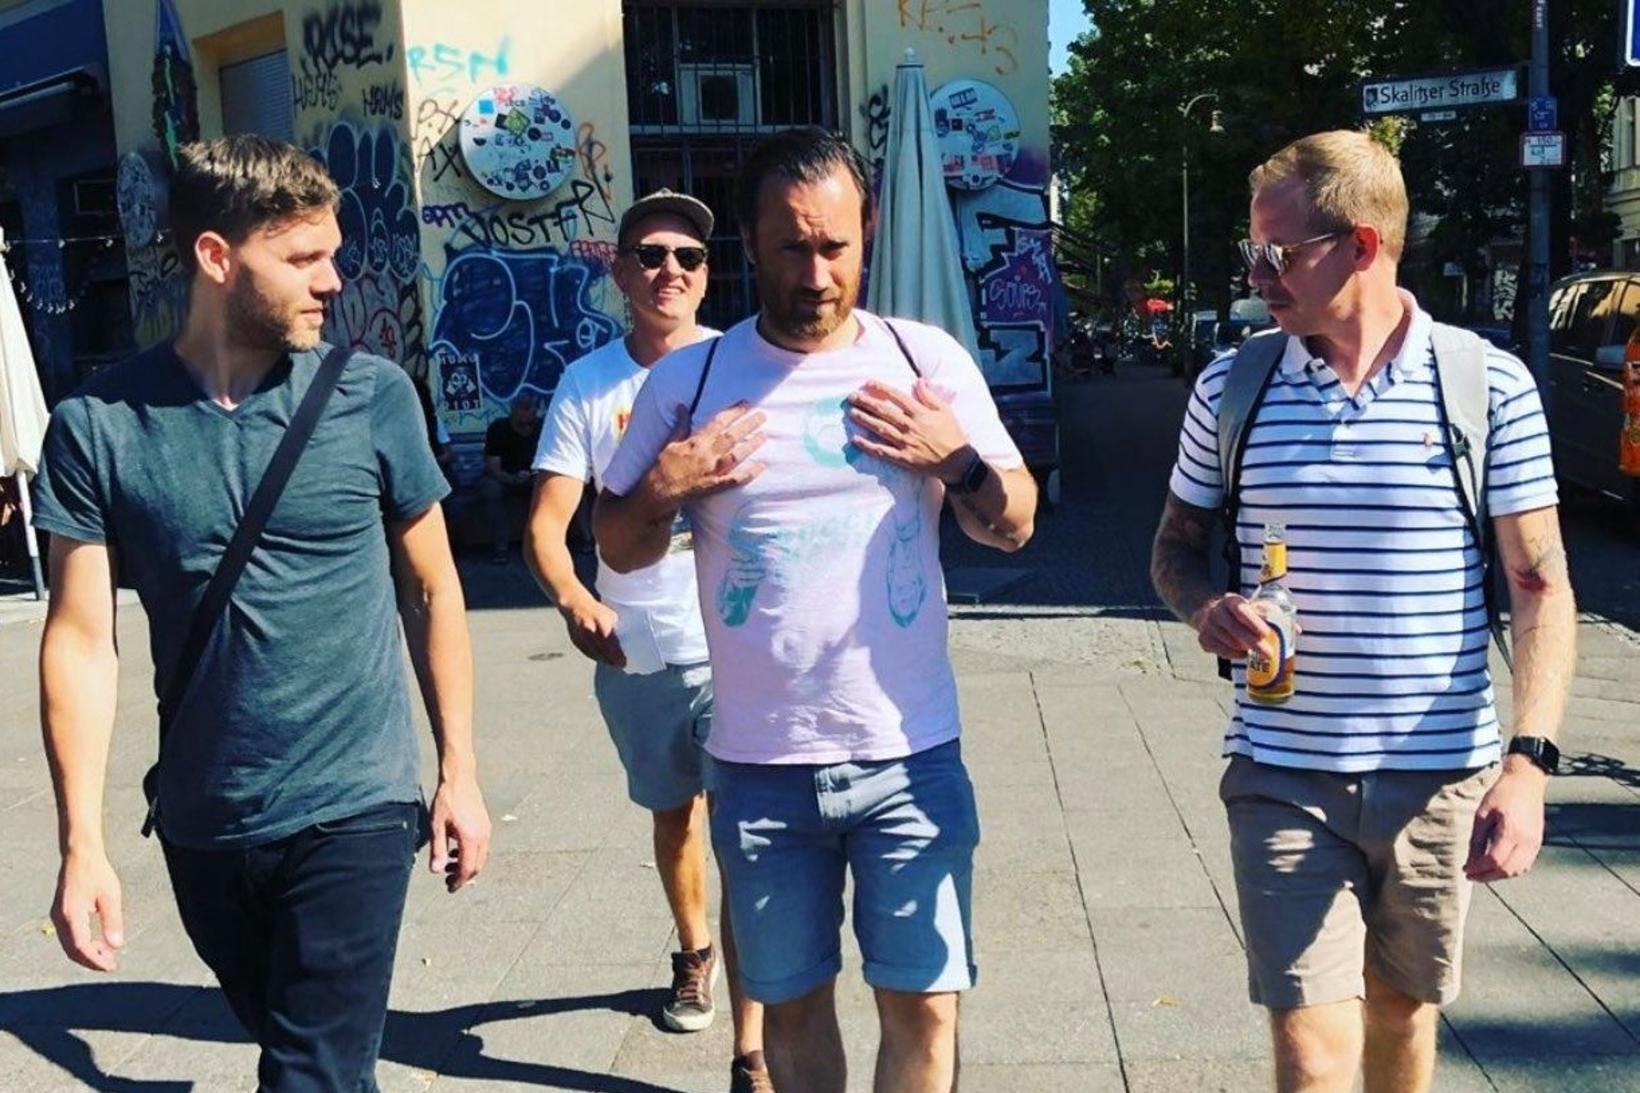 Karlar í Berlín, eins og Dressmann-auglýsing, nema bara fyrir Club …